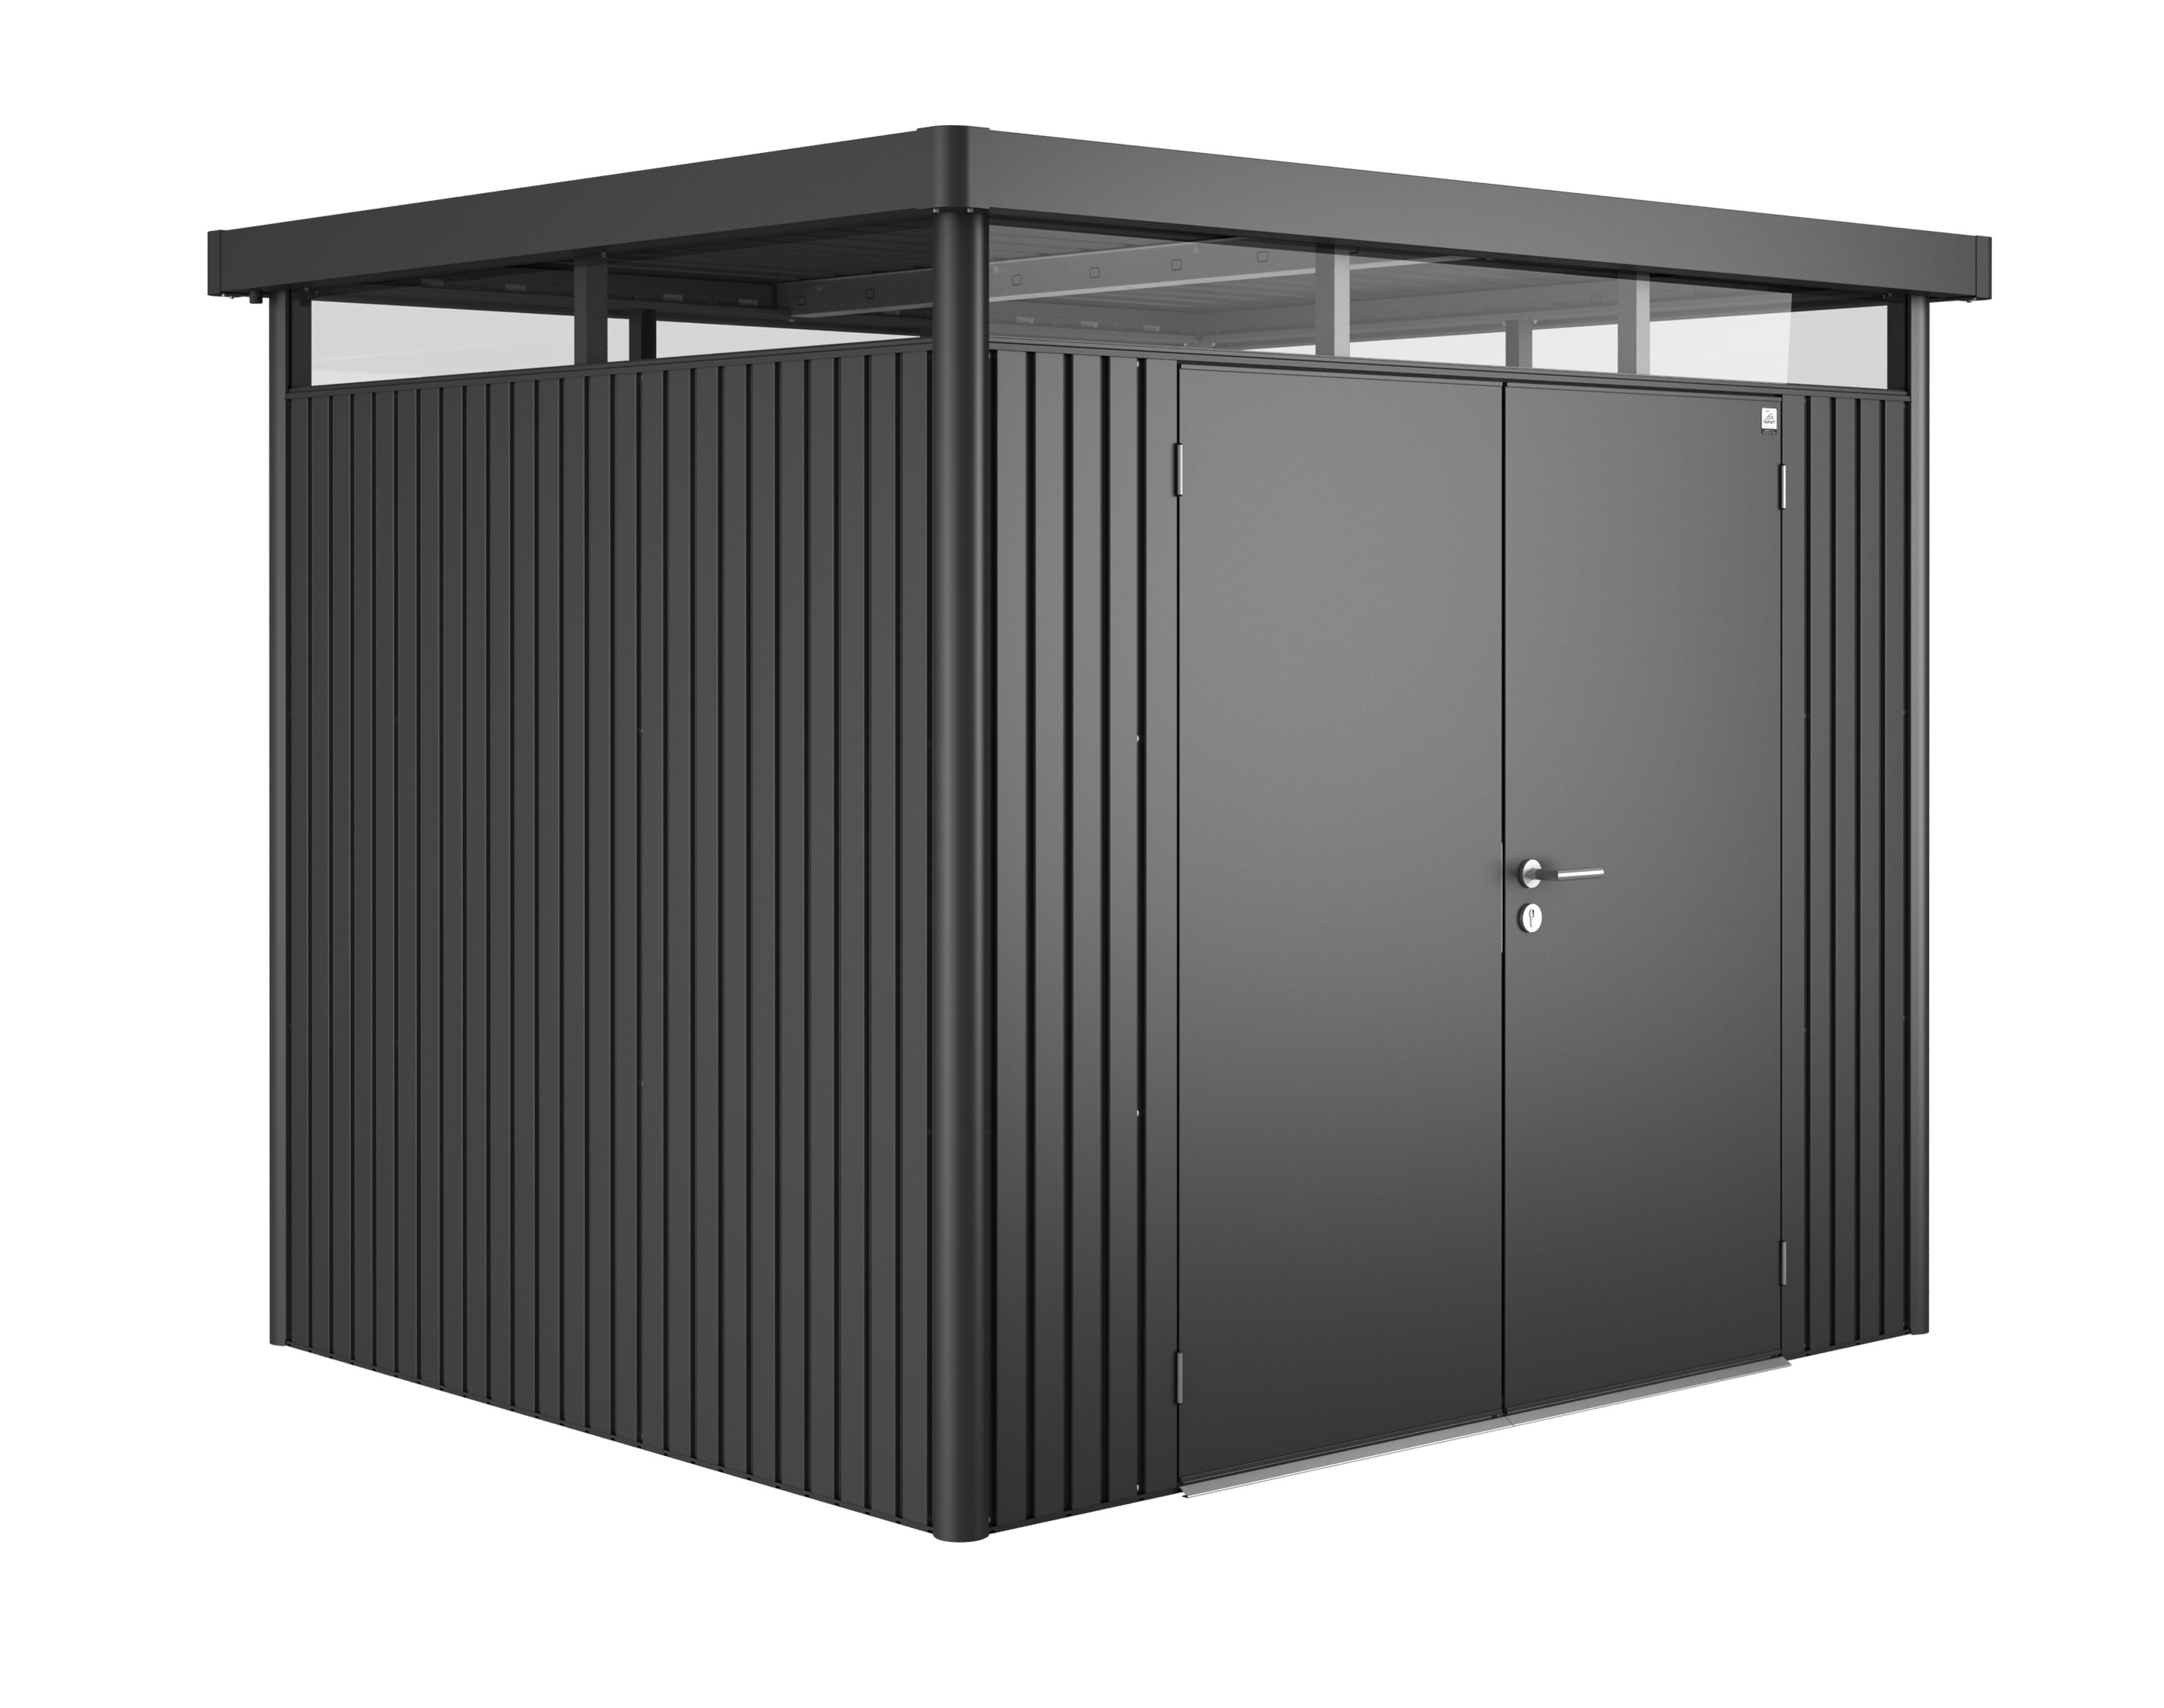 ger tehaus biohort highline h3 dunkelgrau metallic dt. Black Bedroom Furniture Sets. Home Design Ideas